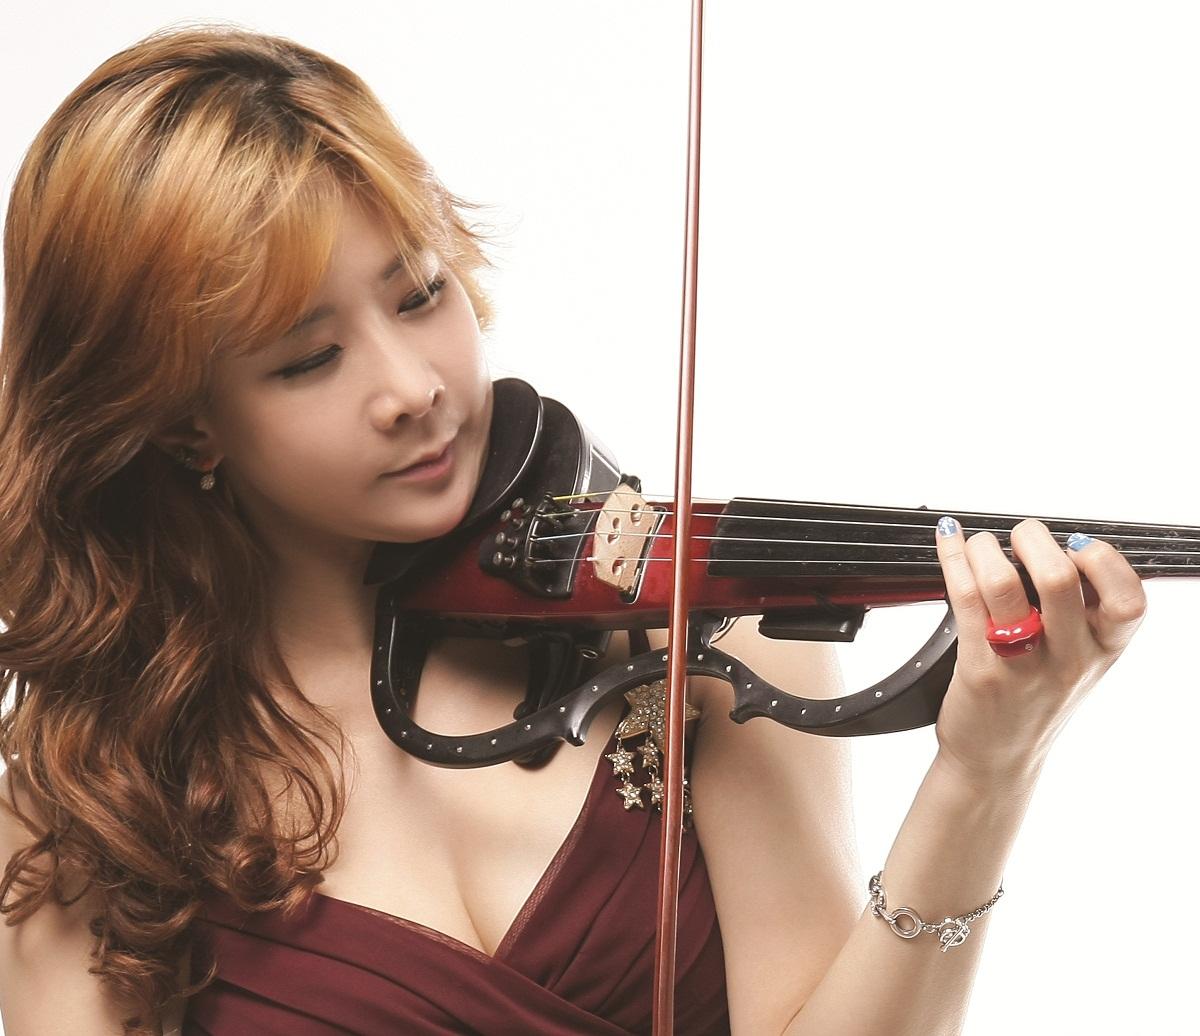 2 Eun Joo Park